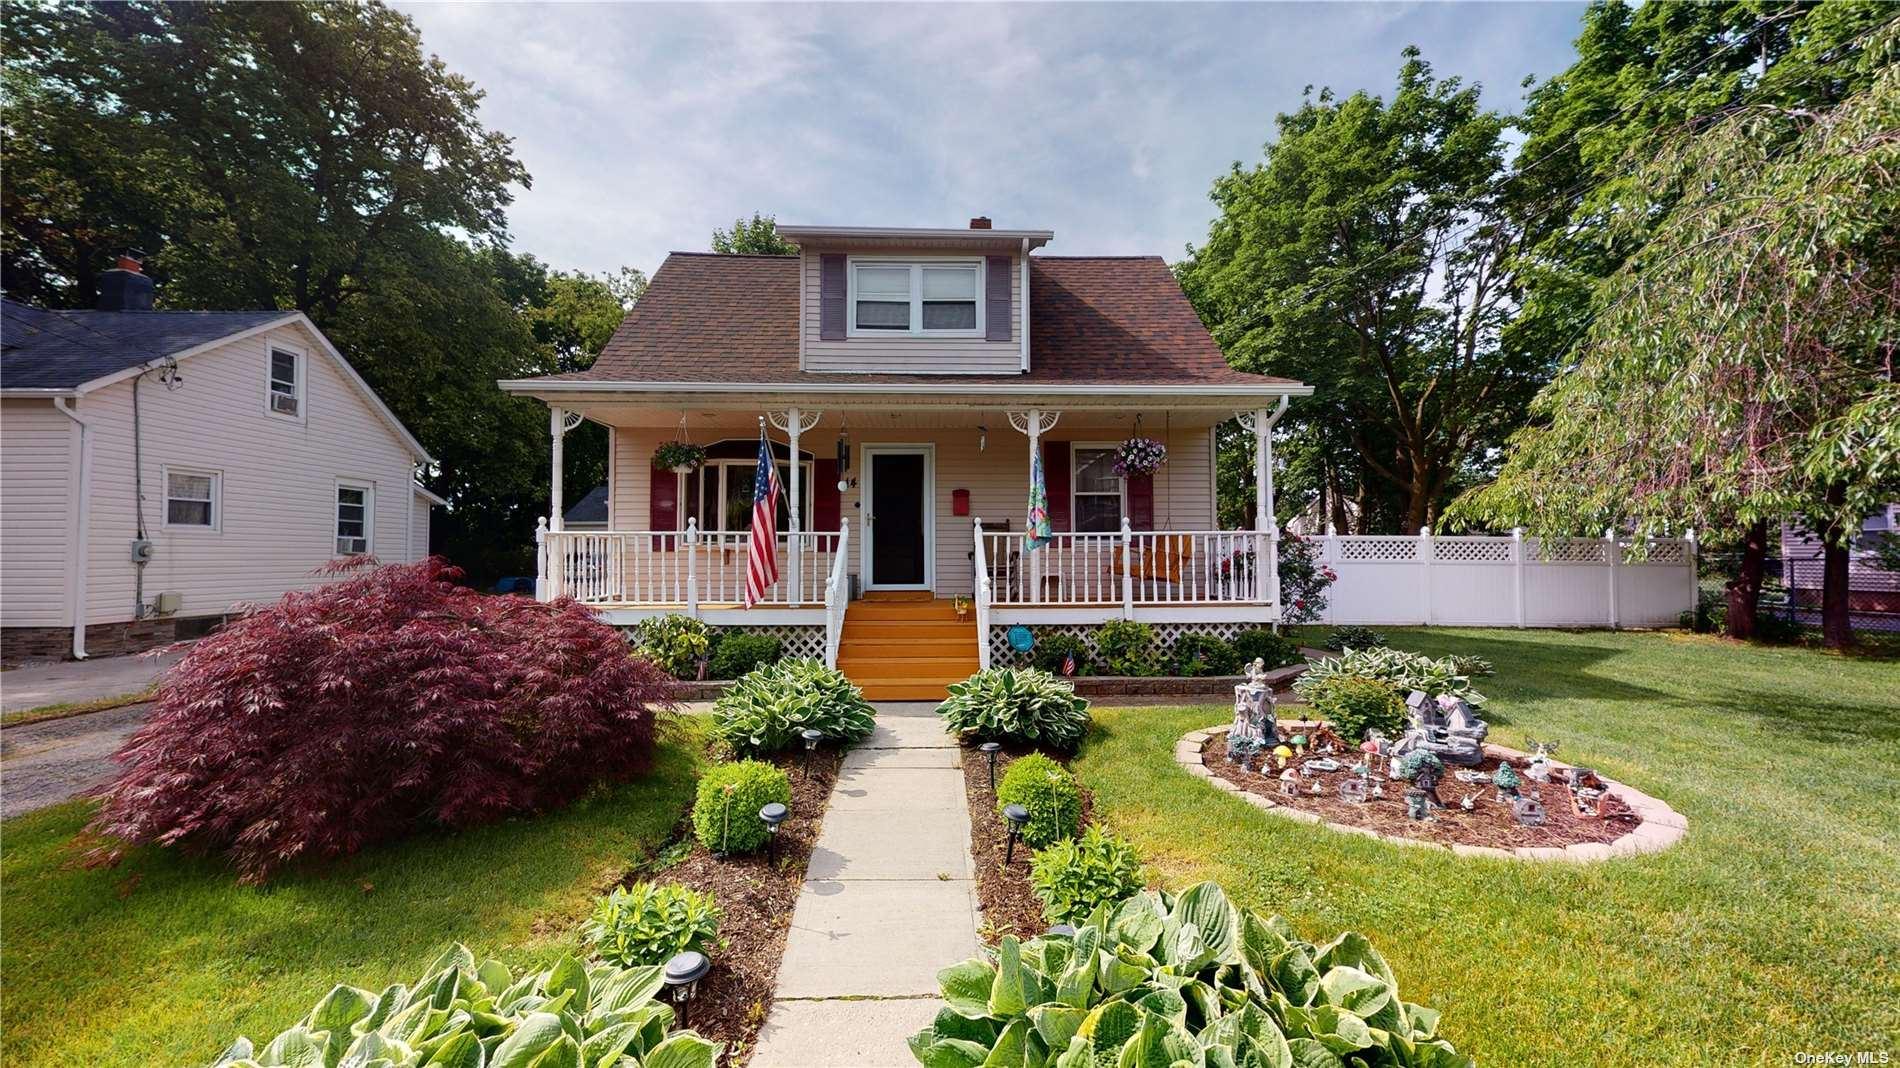 14 Roslyn Street, Islip Terrace, NY 11752 - MLS#: 3317625